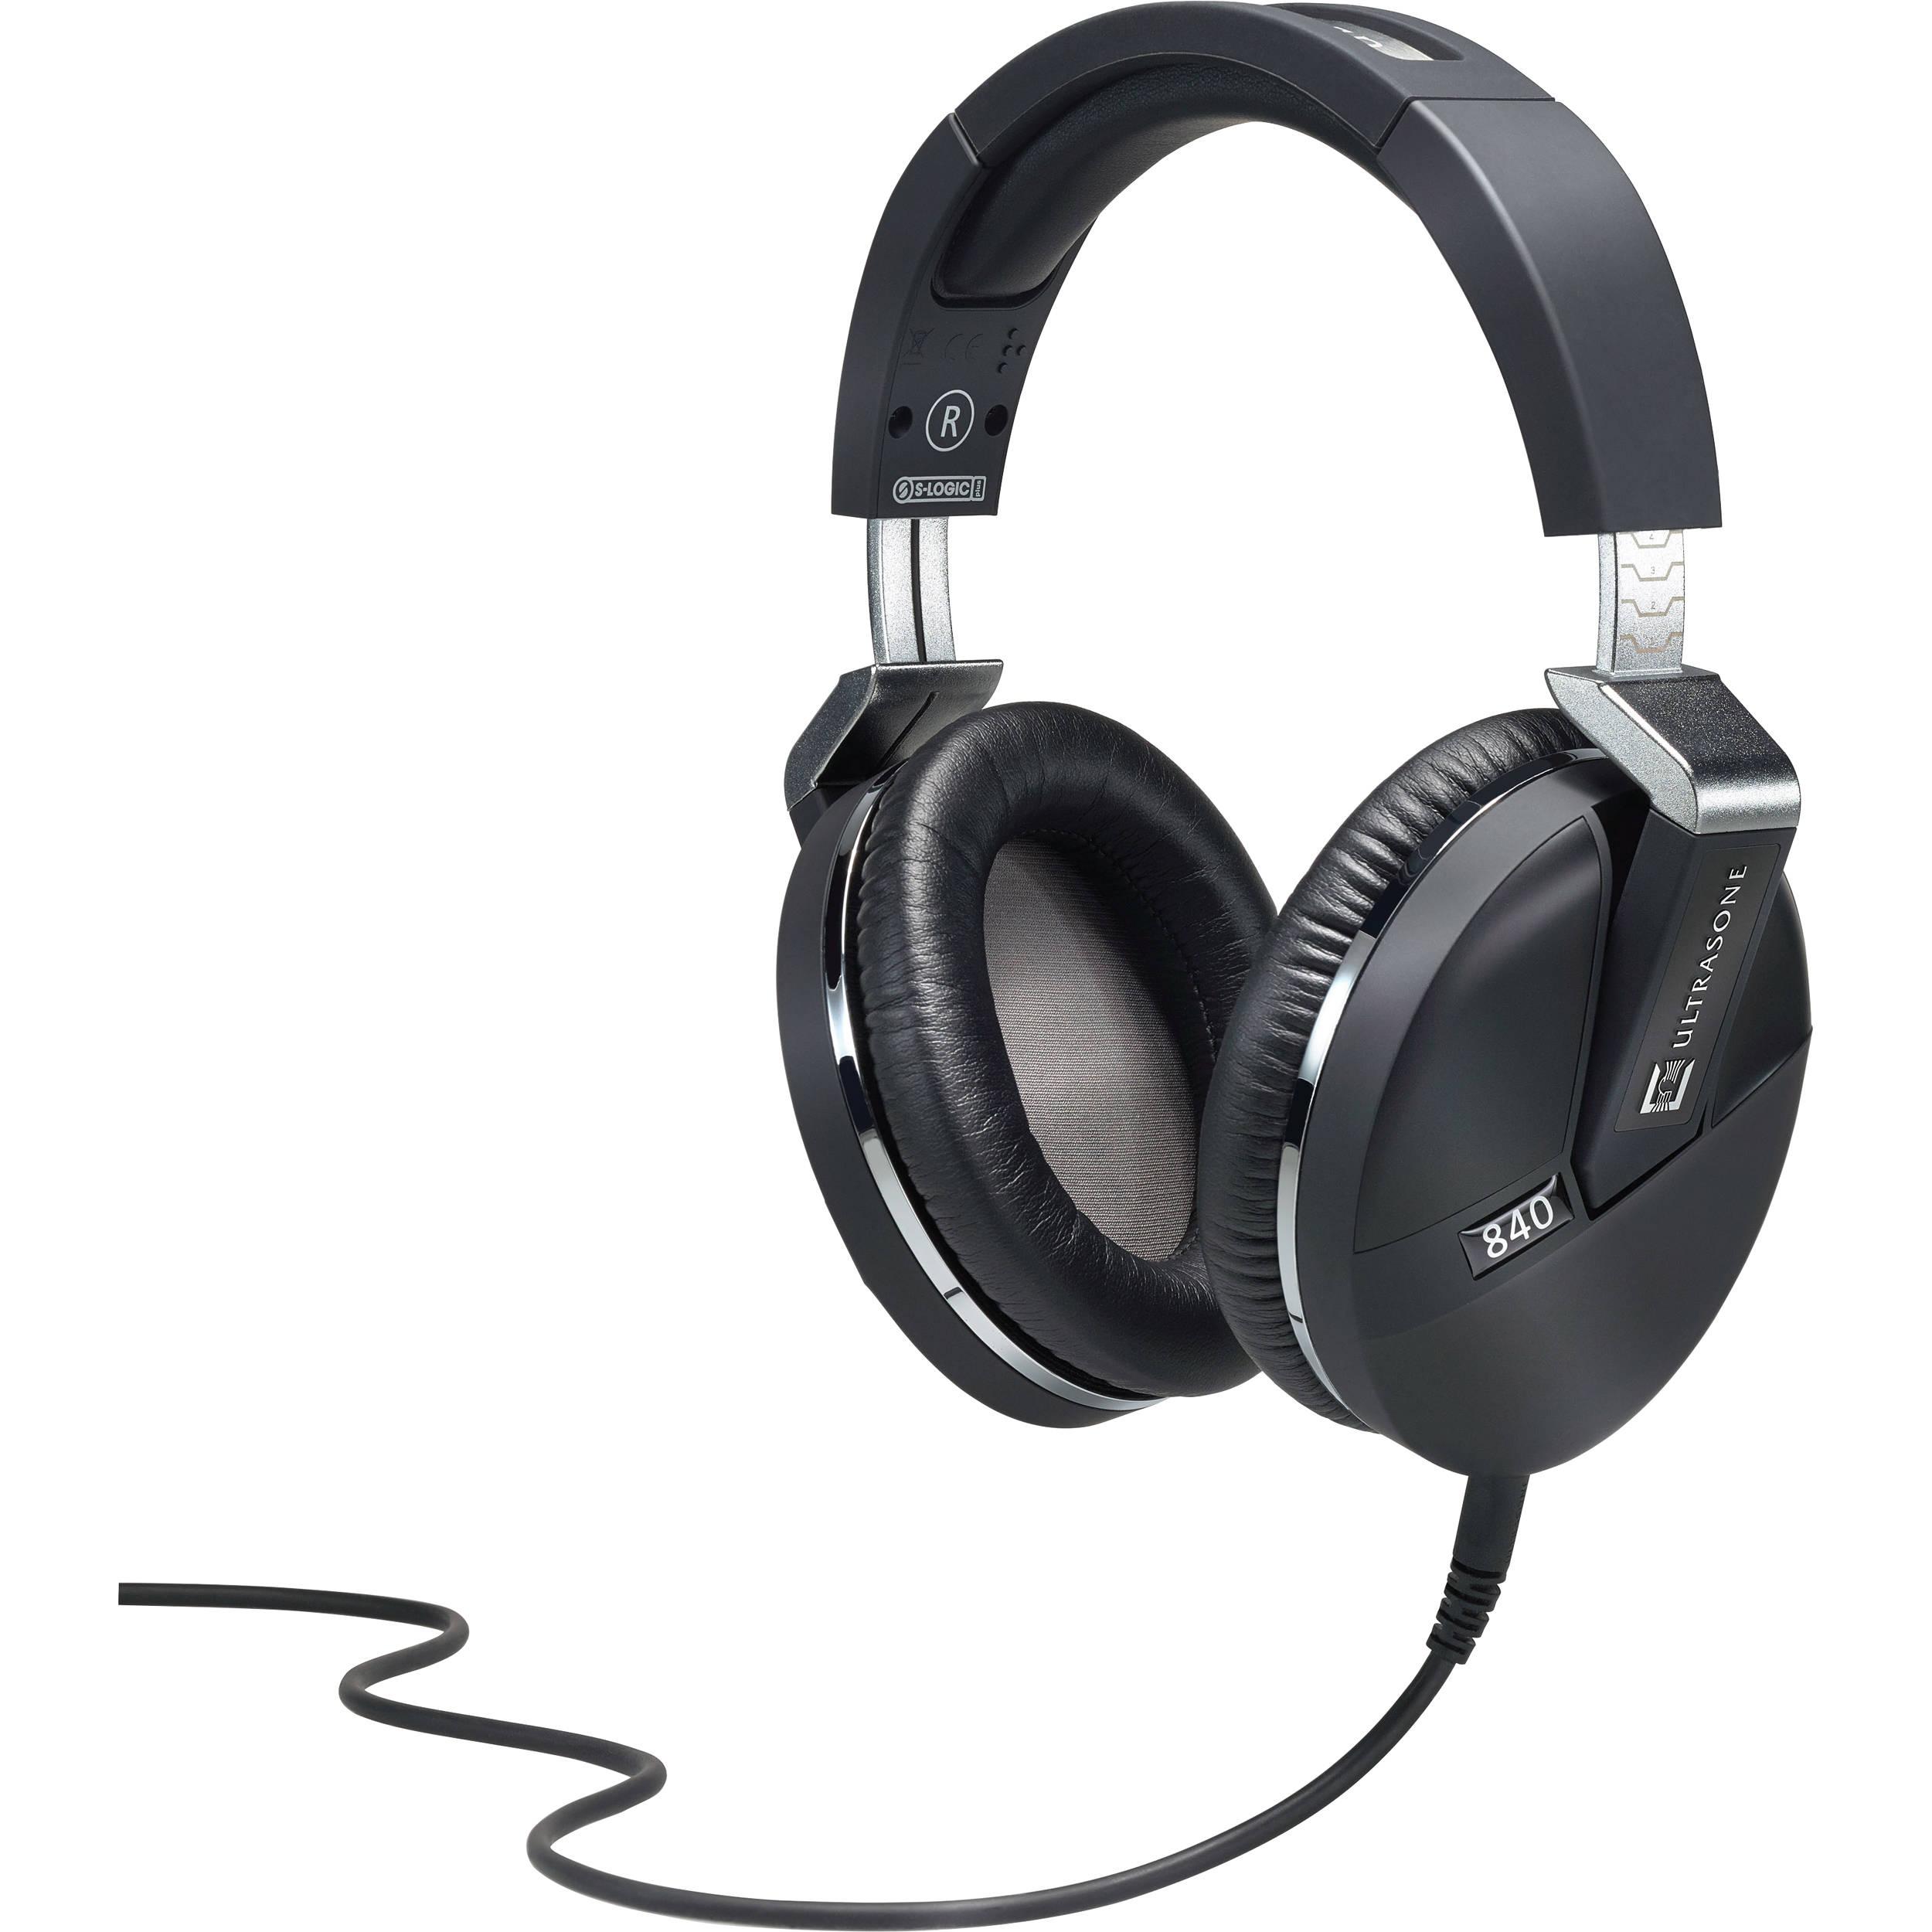 Ultrasone Ultrasone Performance Series 840 Headphones PERF 840